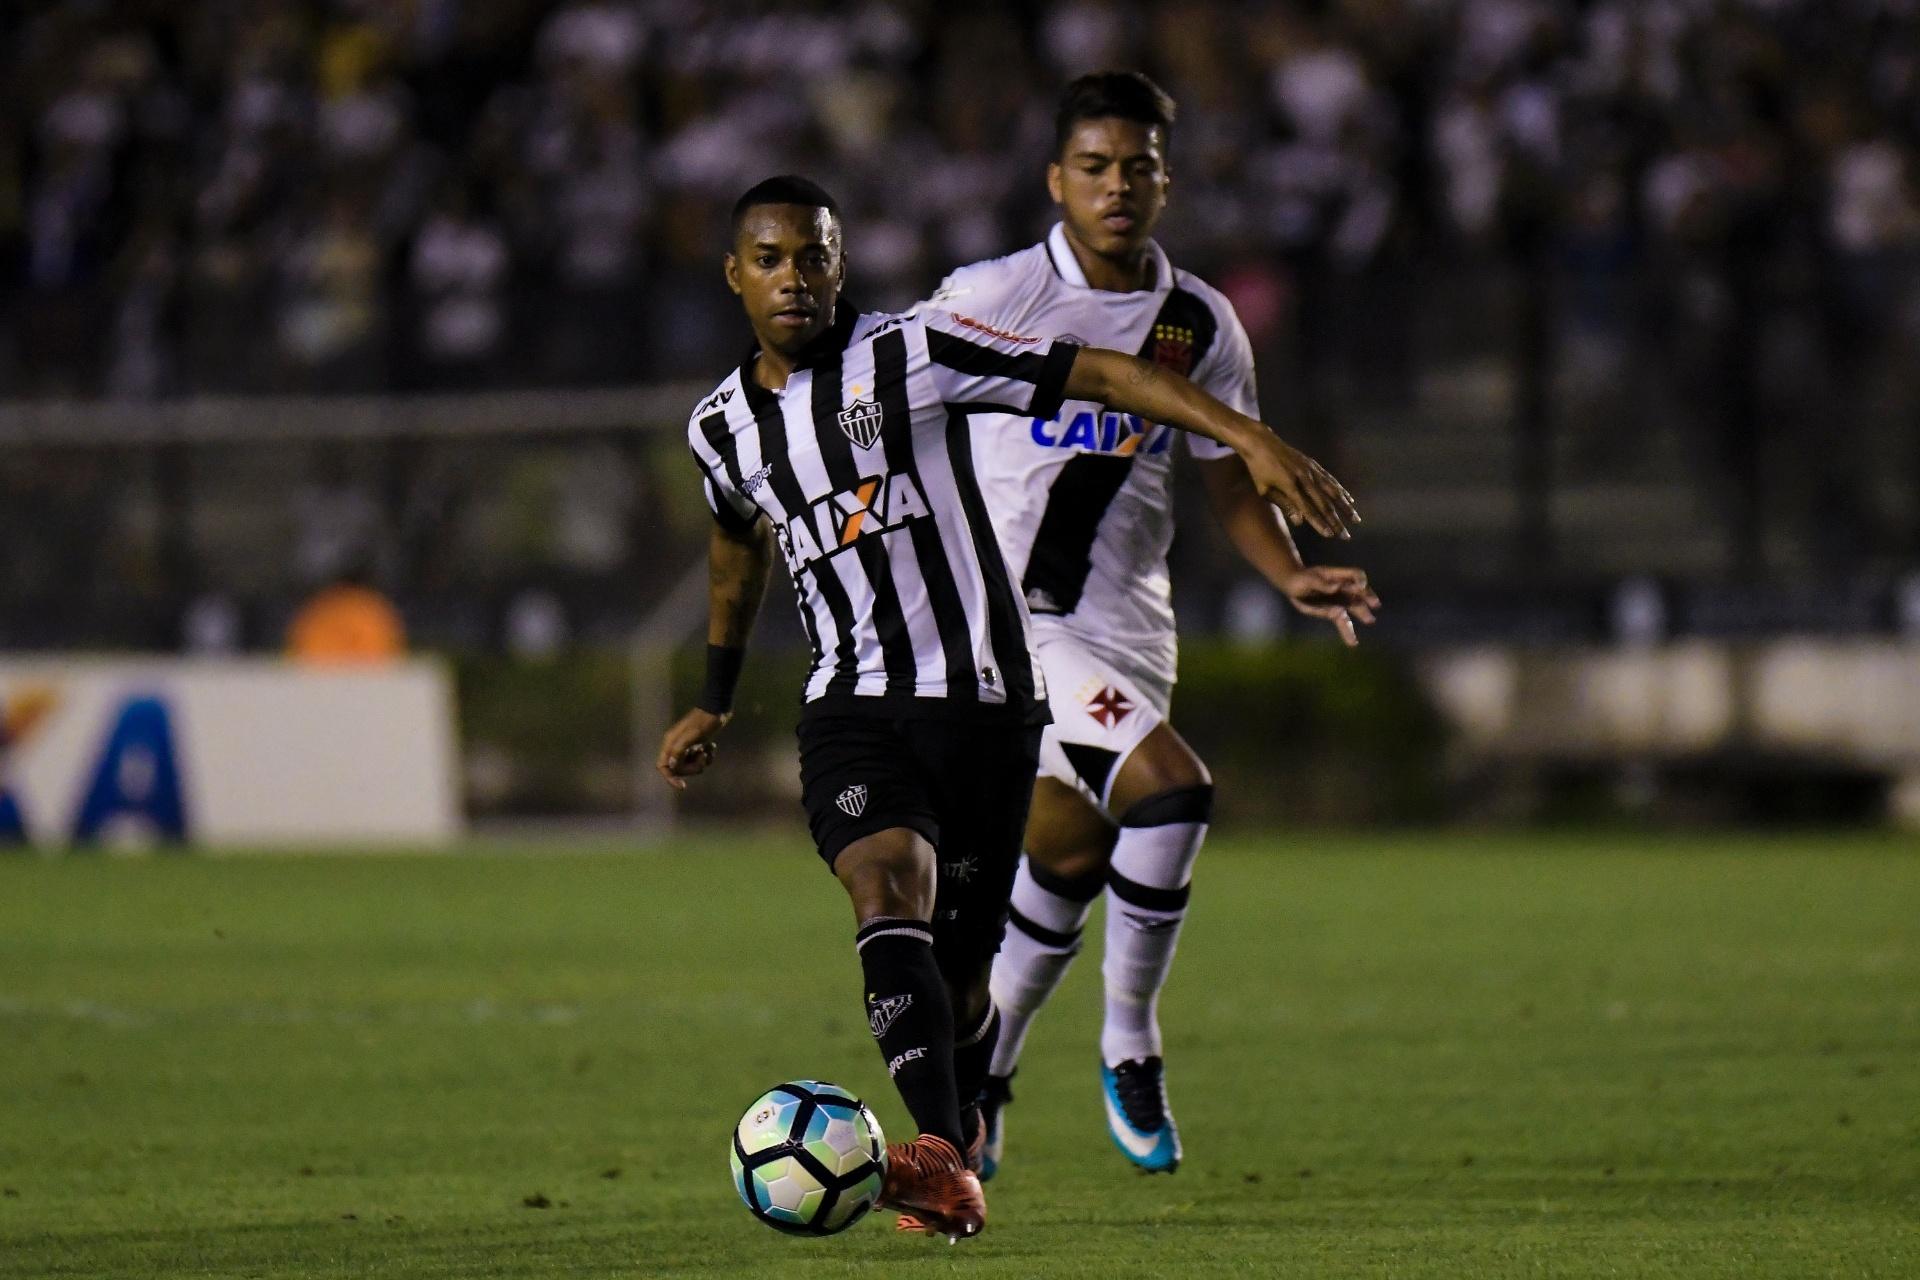 7405eccd3e23e Vasco e Atlético-MG empatam e ajudam rivais por G-7 - 15 11 2017 - UOL  Esporte